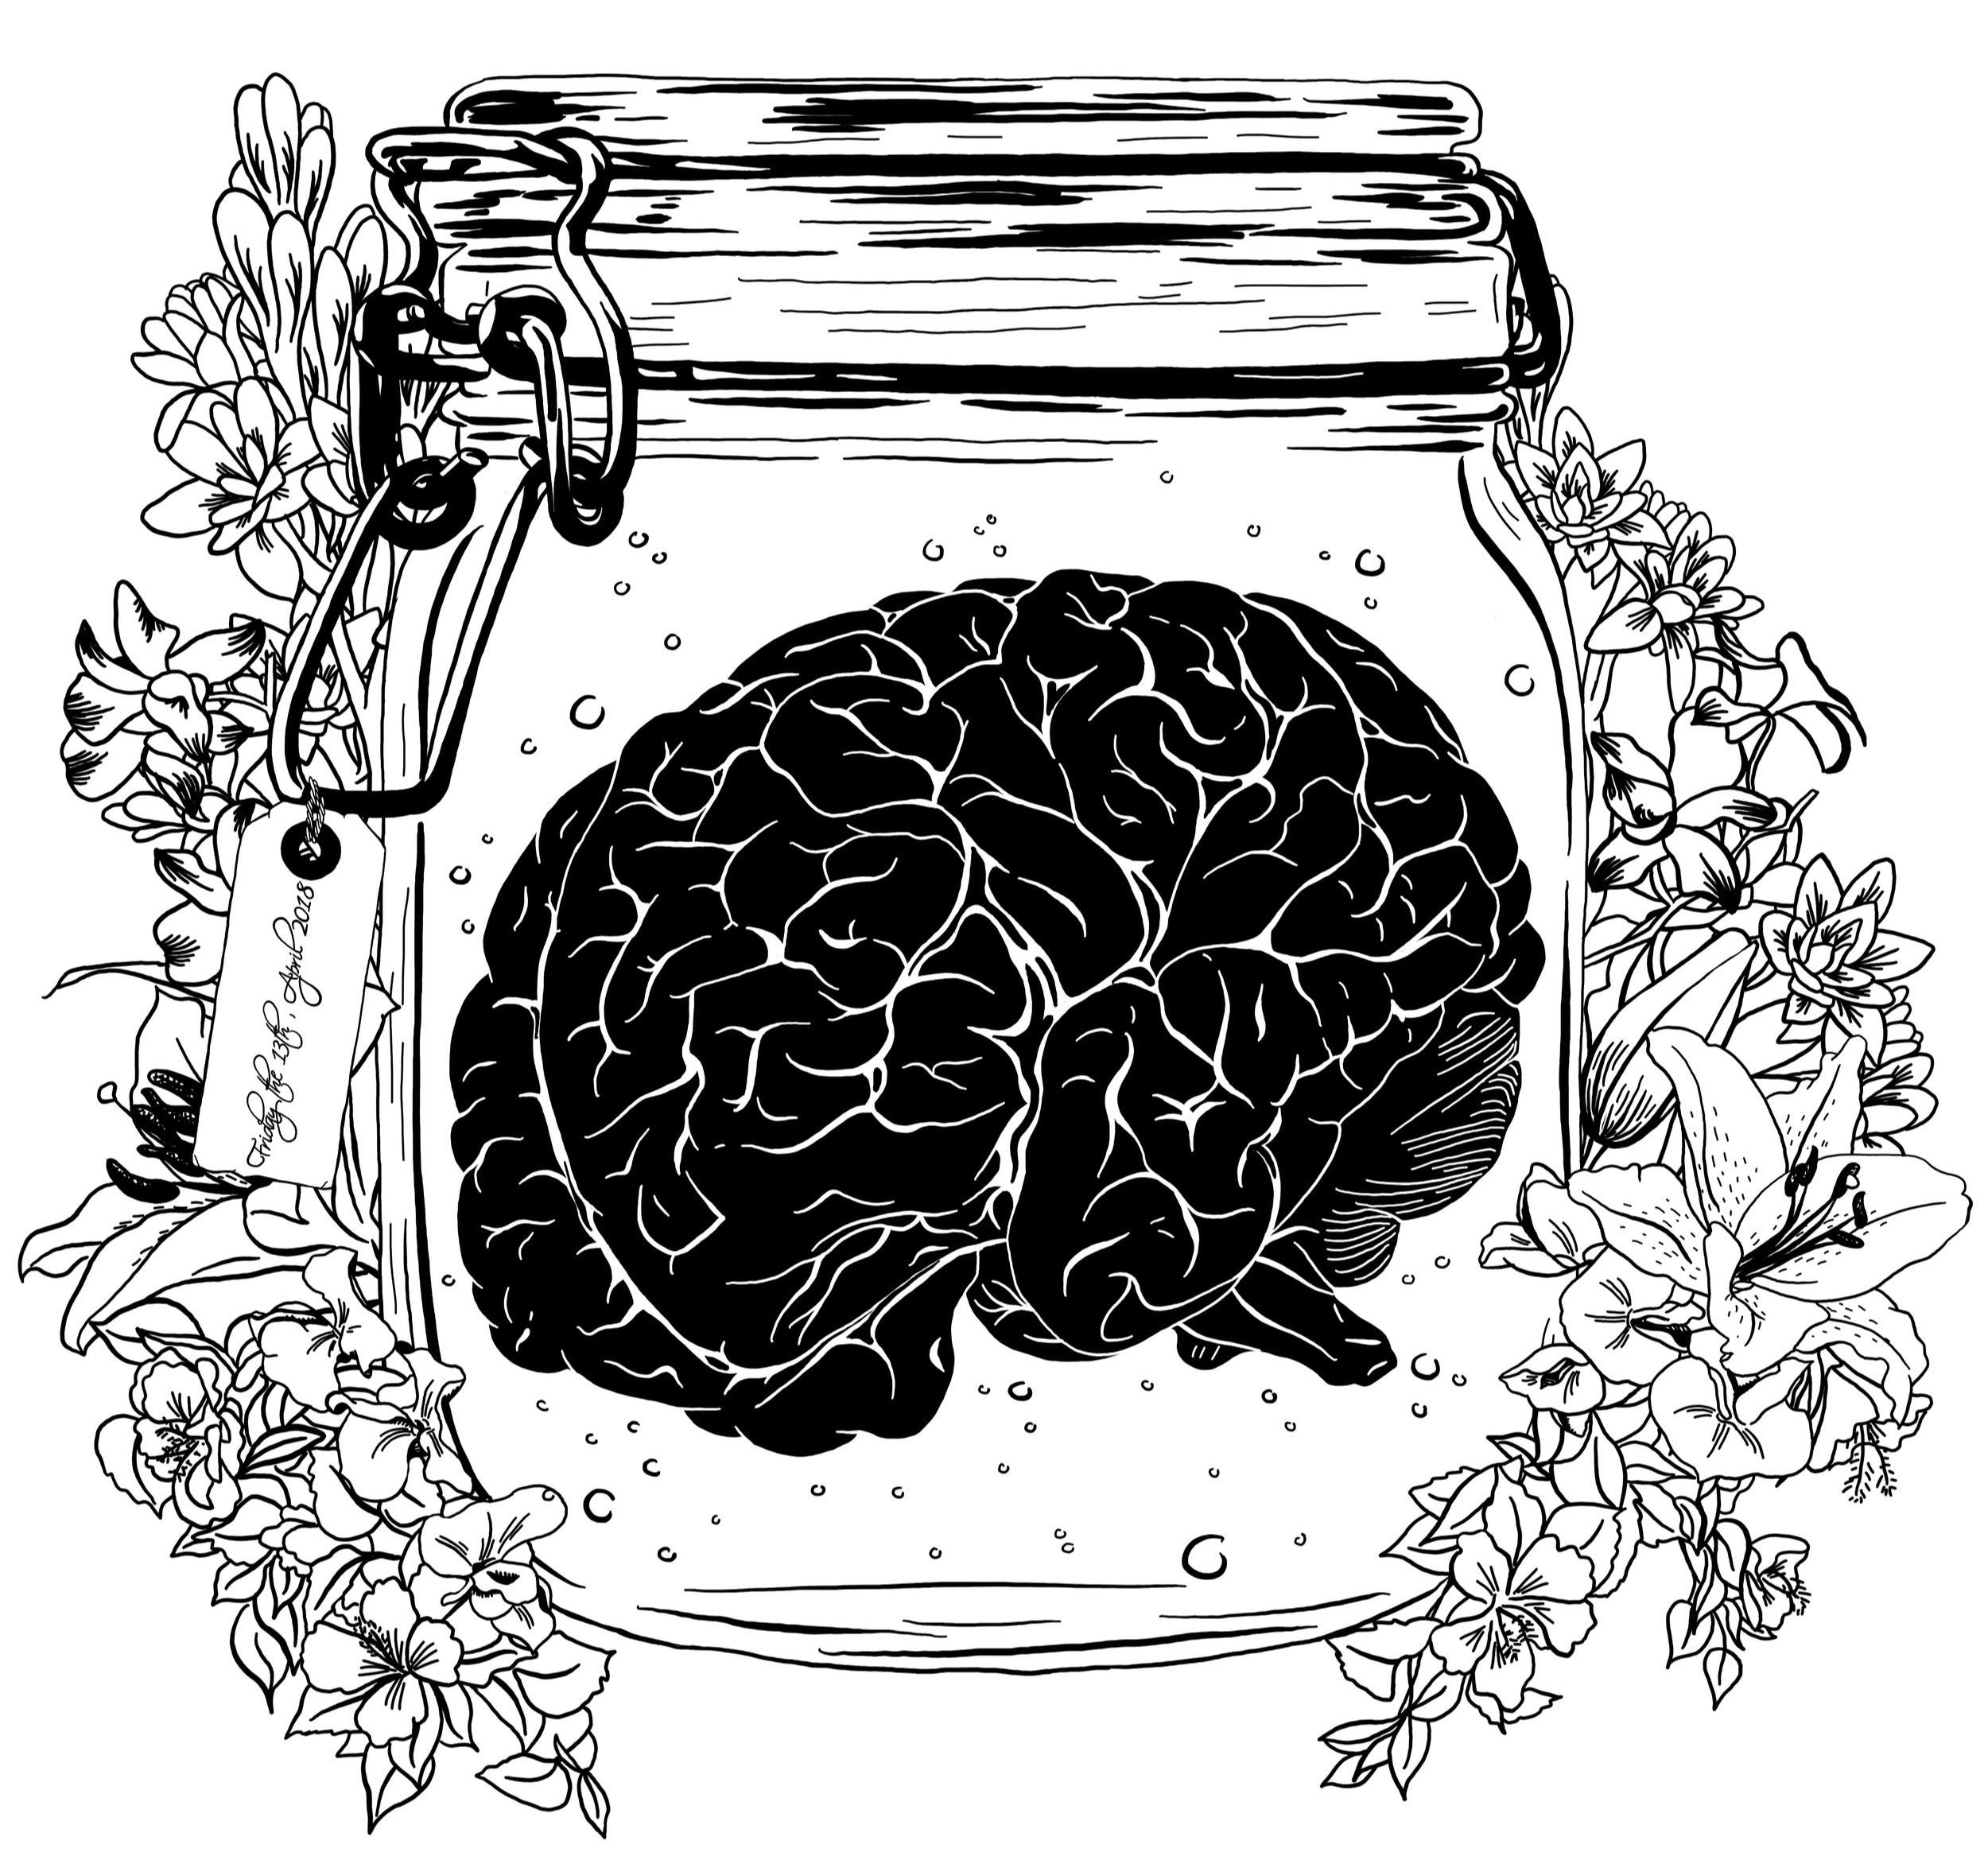 anatomical_brain_jar_botanical.jpg